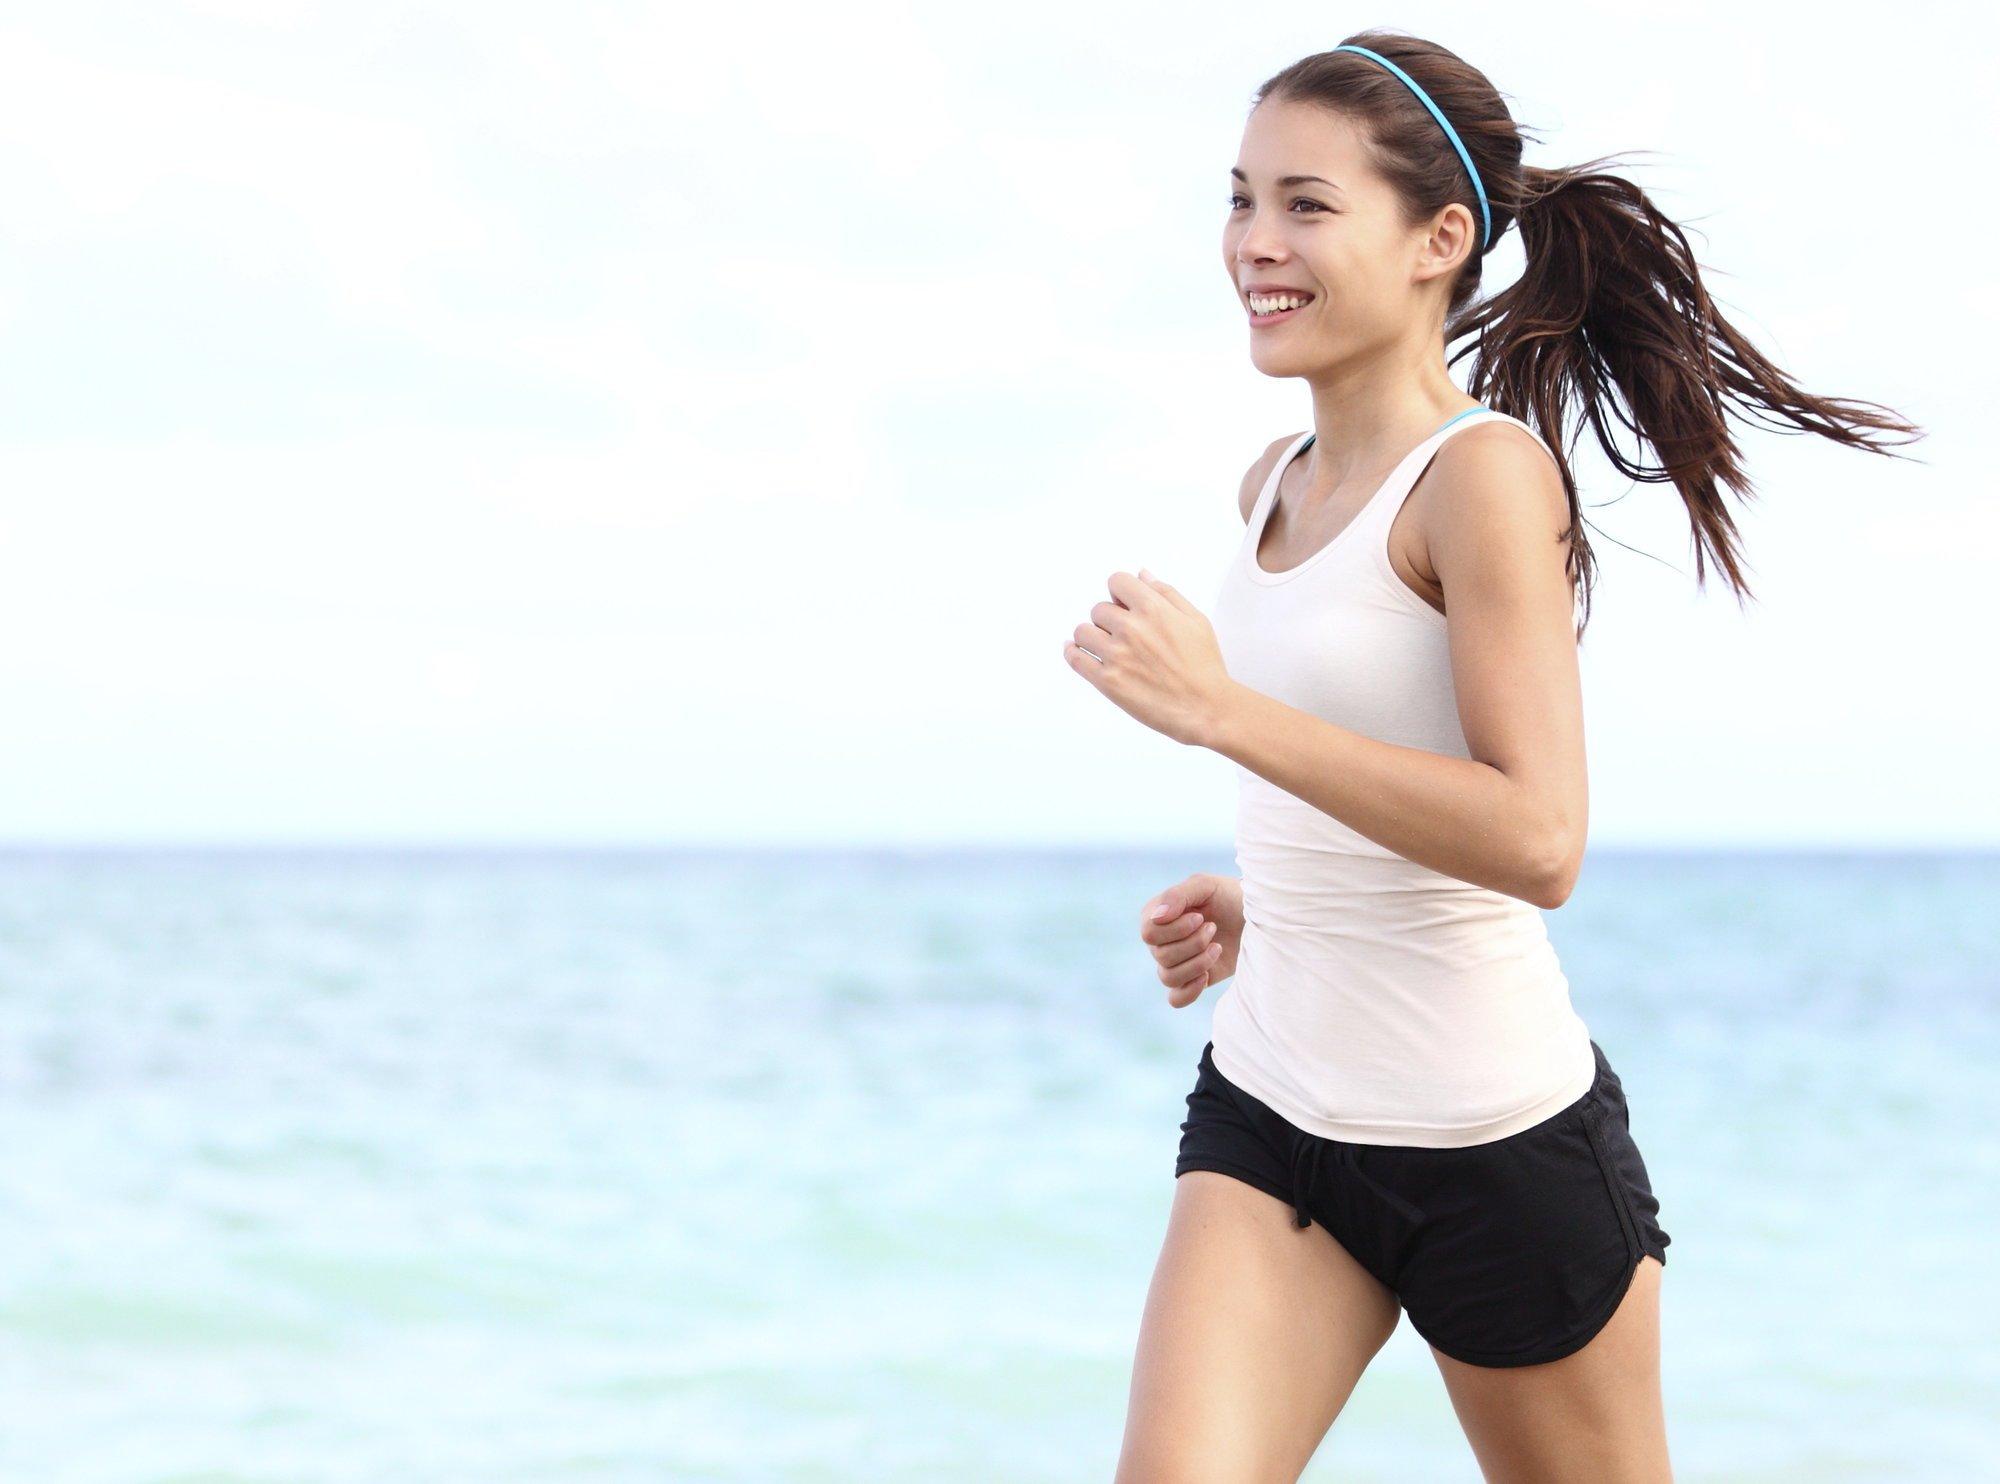 Việc tập thể dục thường xuyên sẽ kích thích cơ thể sản xuất các loại hormone có lợi cho não